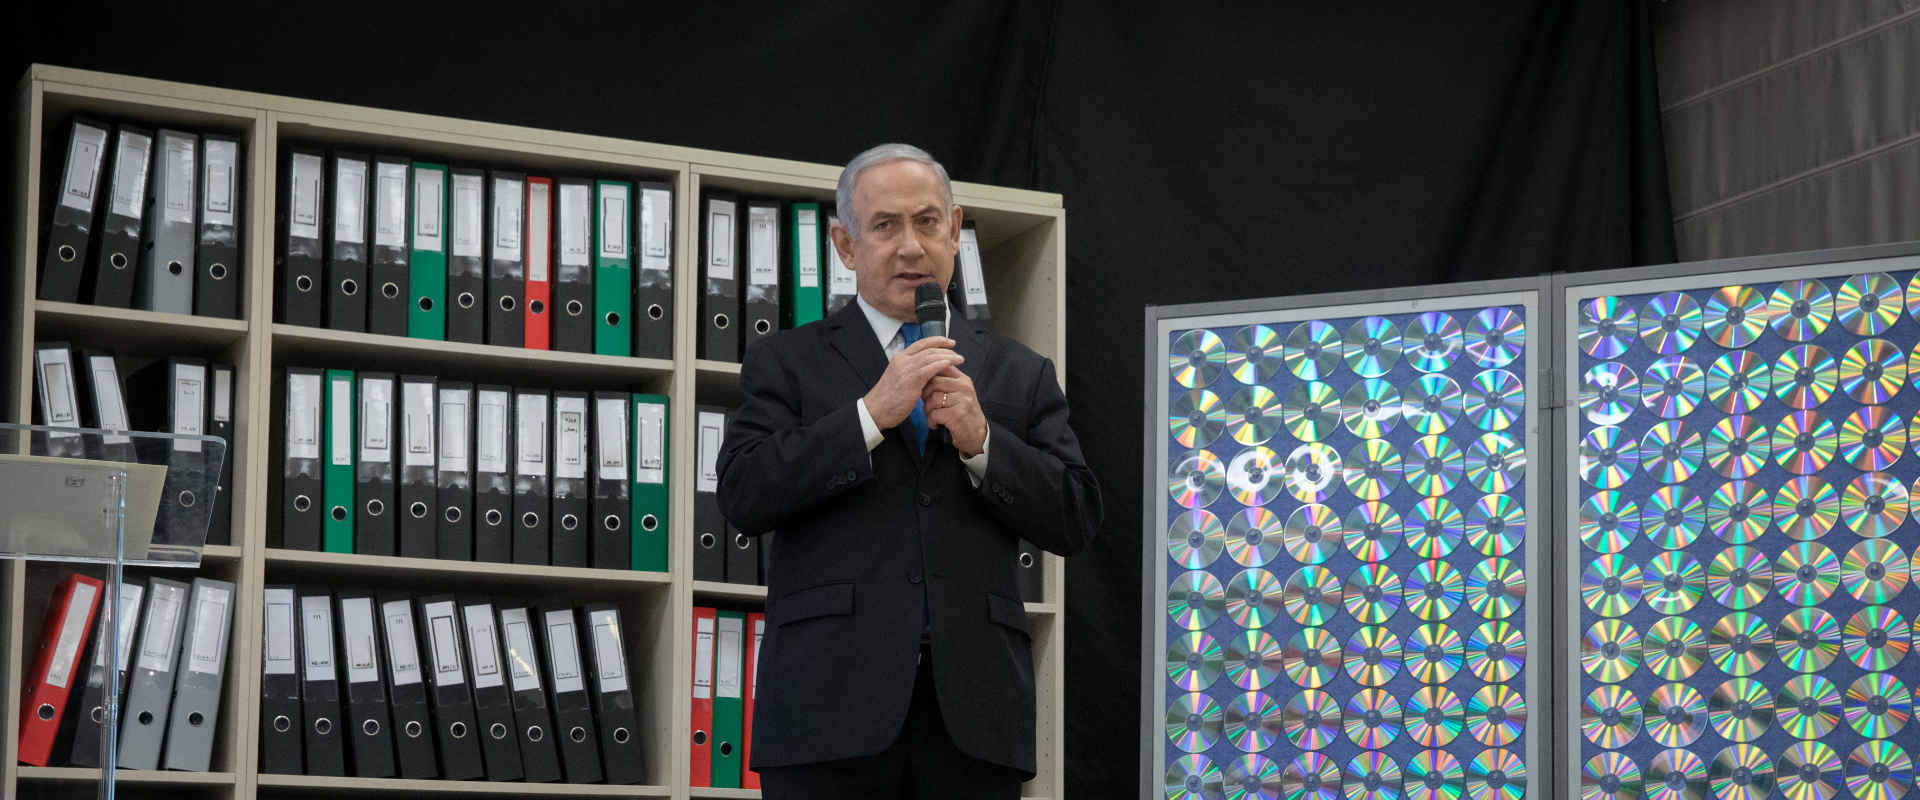 נתניהו חושף את ארכיון הגרעין האיראני, השבוע